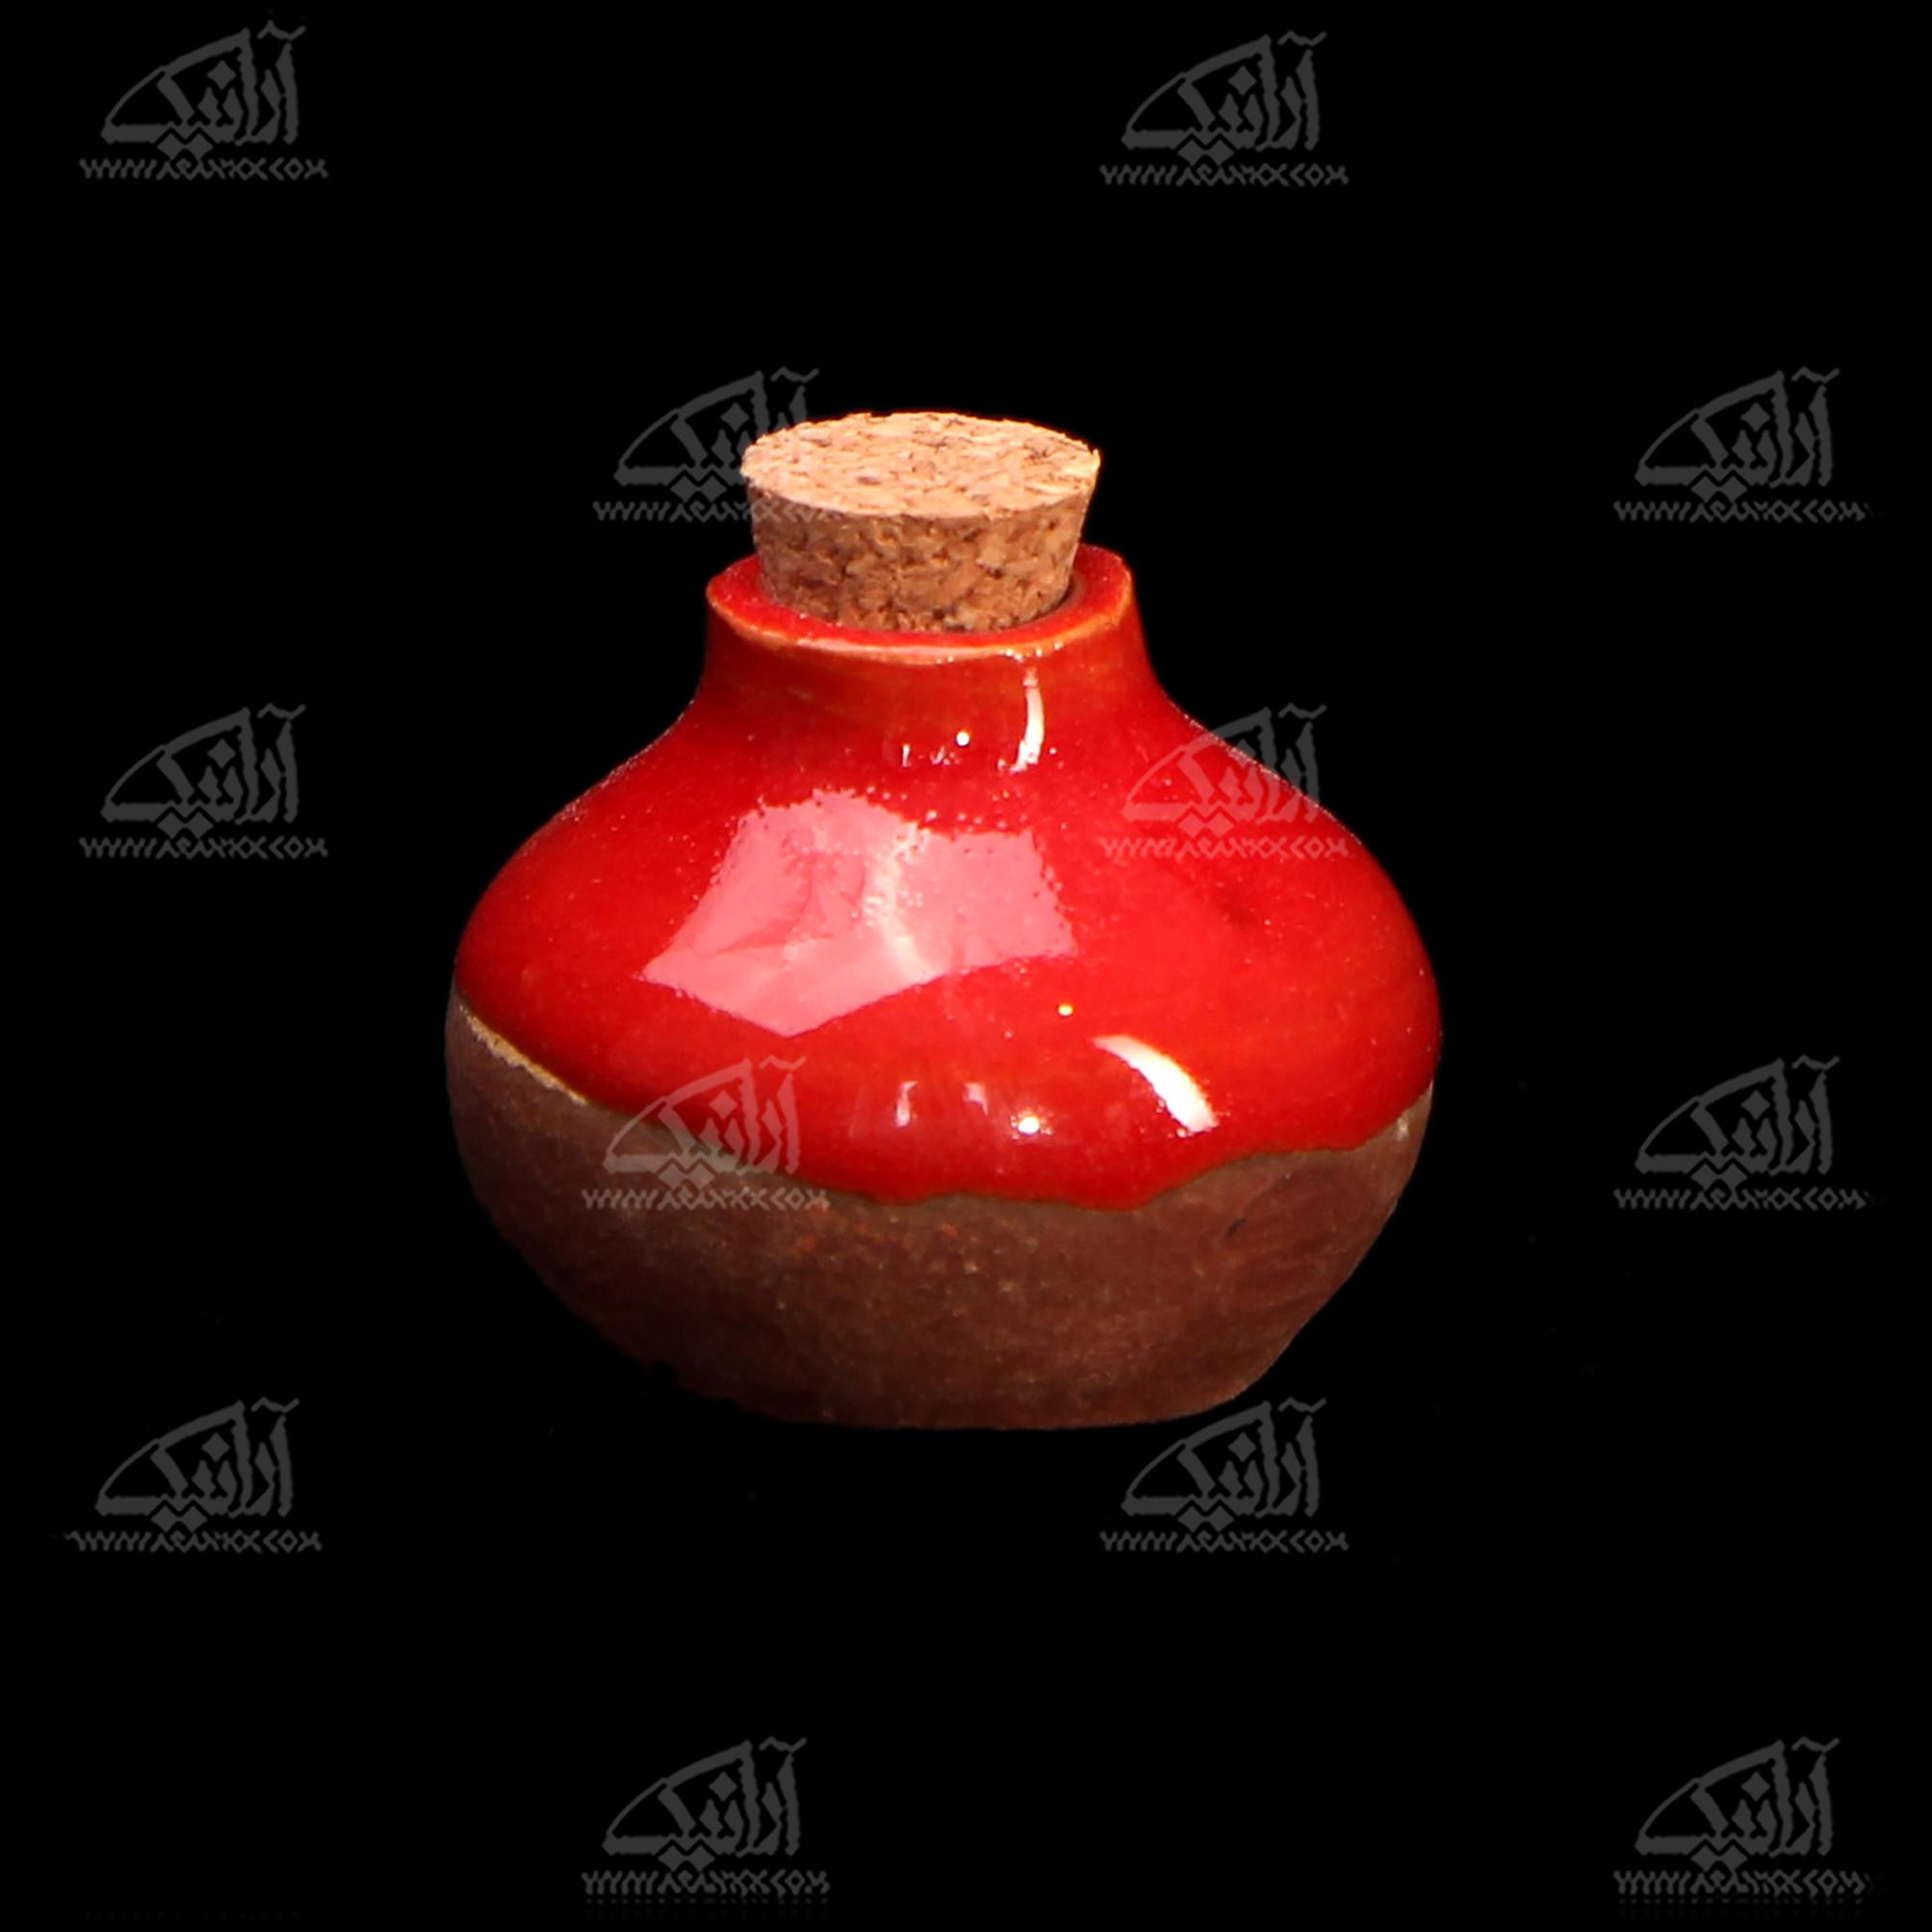 عطردان سفالی لعاب ساده  .رنگ قرمز طرح نشاط مدل 1002700004